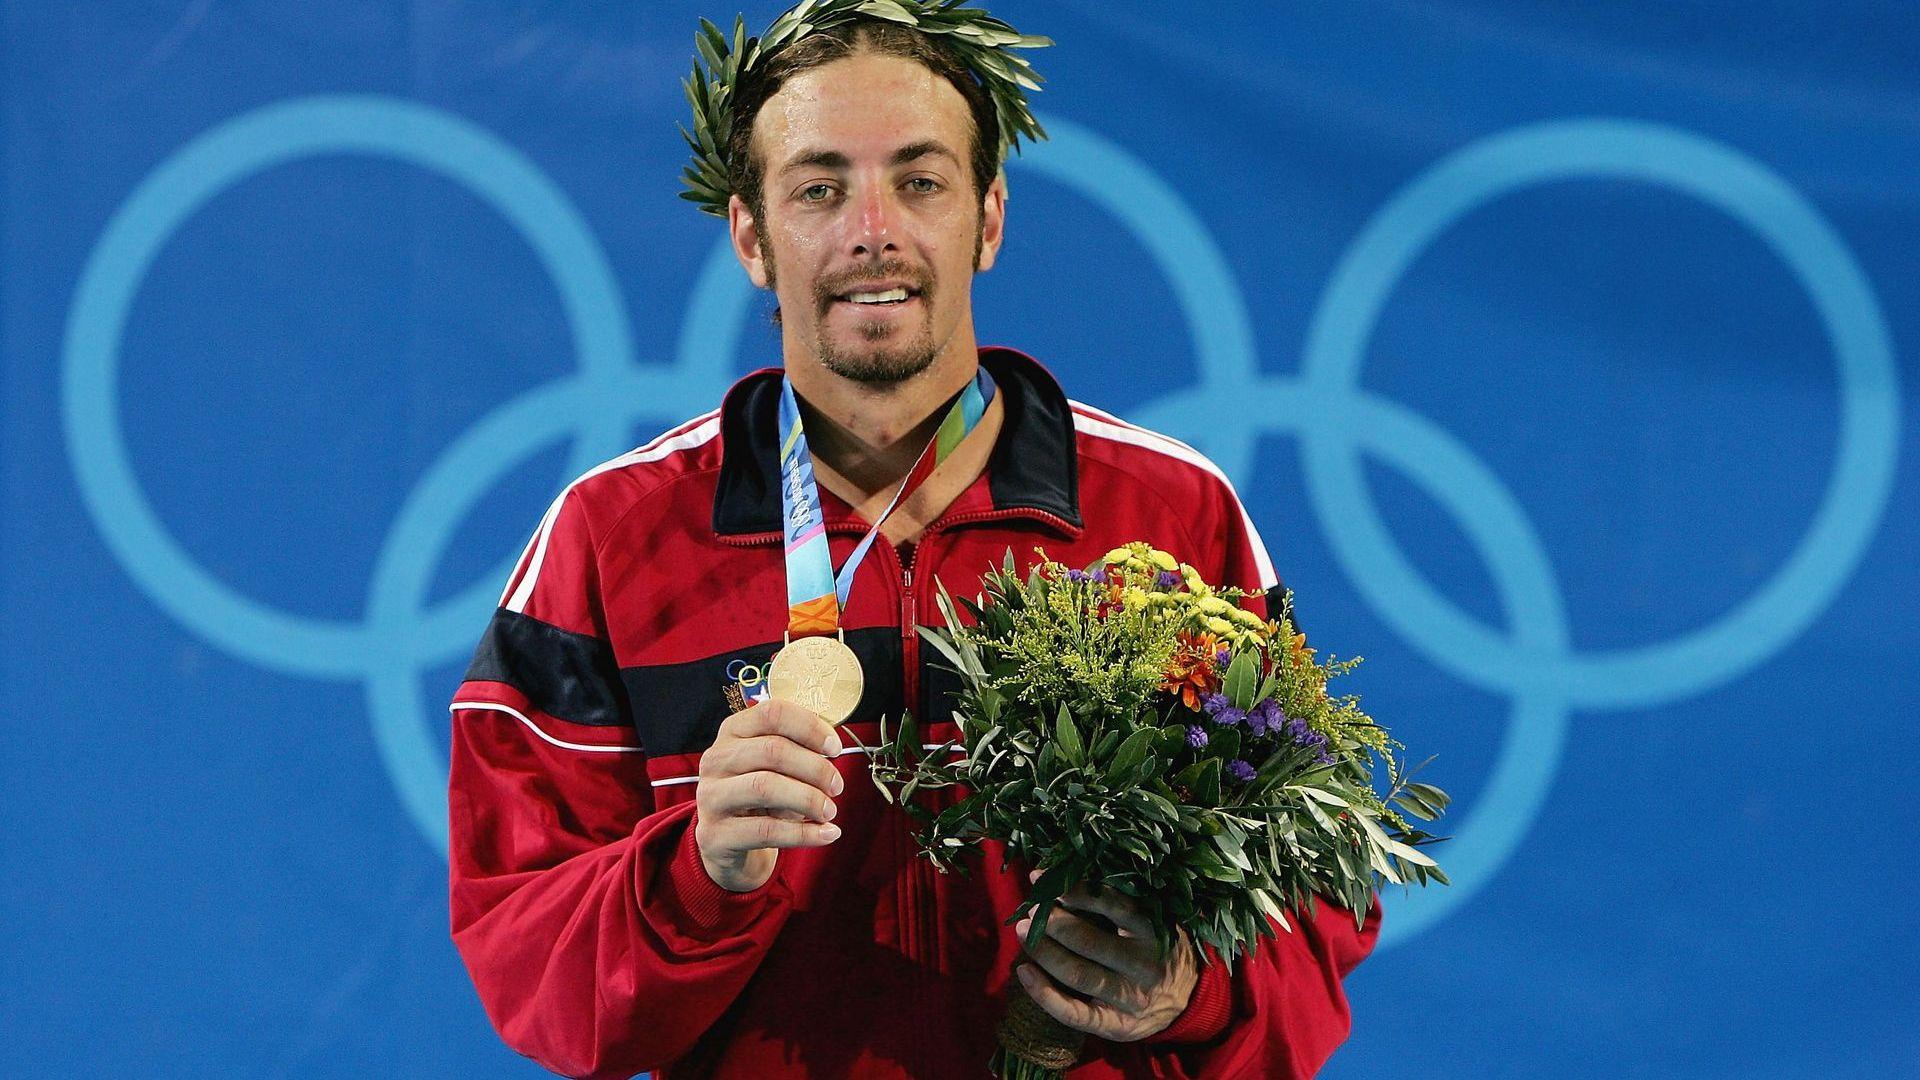 Двукратен олимпийски шампион се оказал на метри от терористична атака във Виена